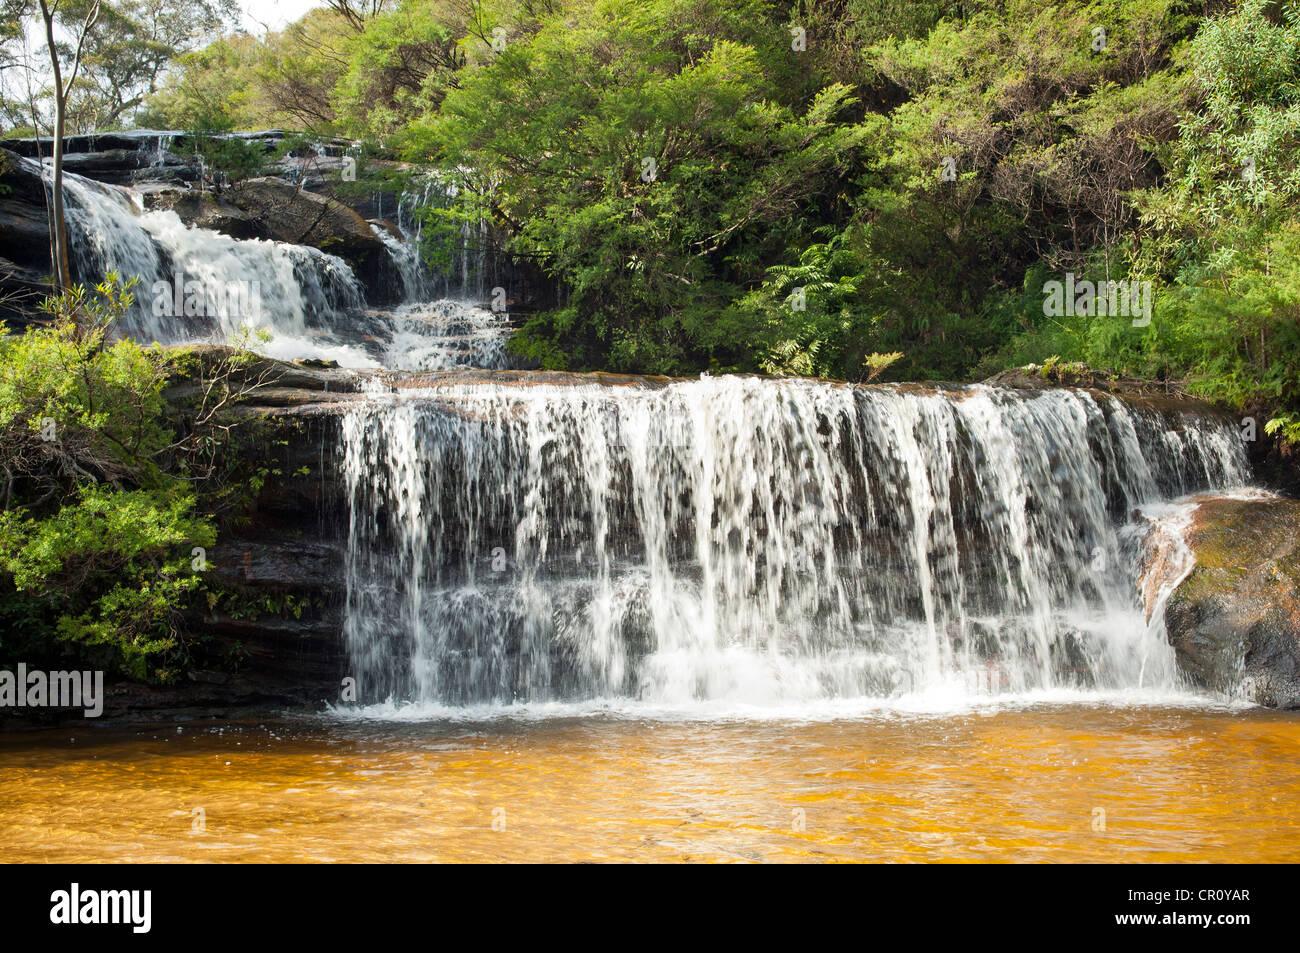 Wentworth Wände Wasserfall in Blue Mountains in der Nähe von Sydney Australien Stockbild